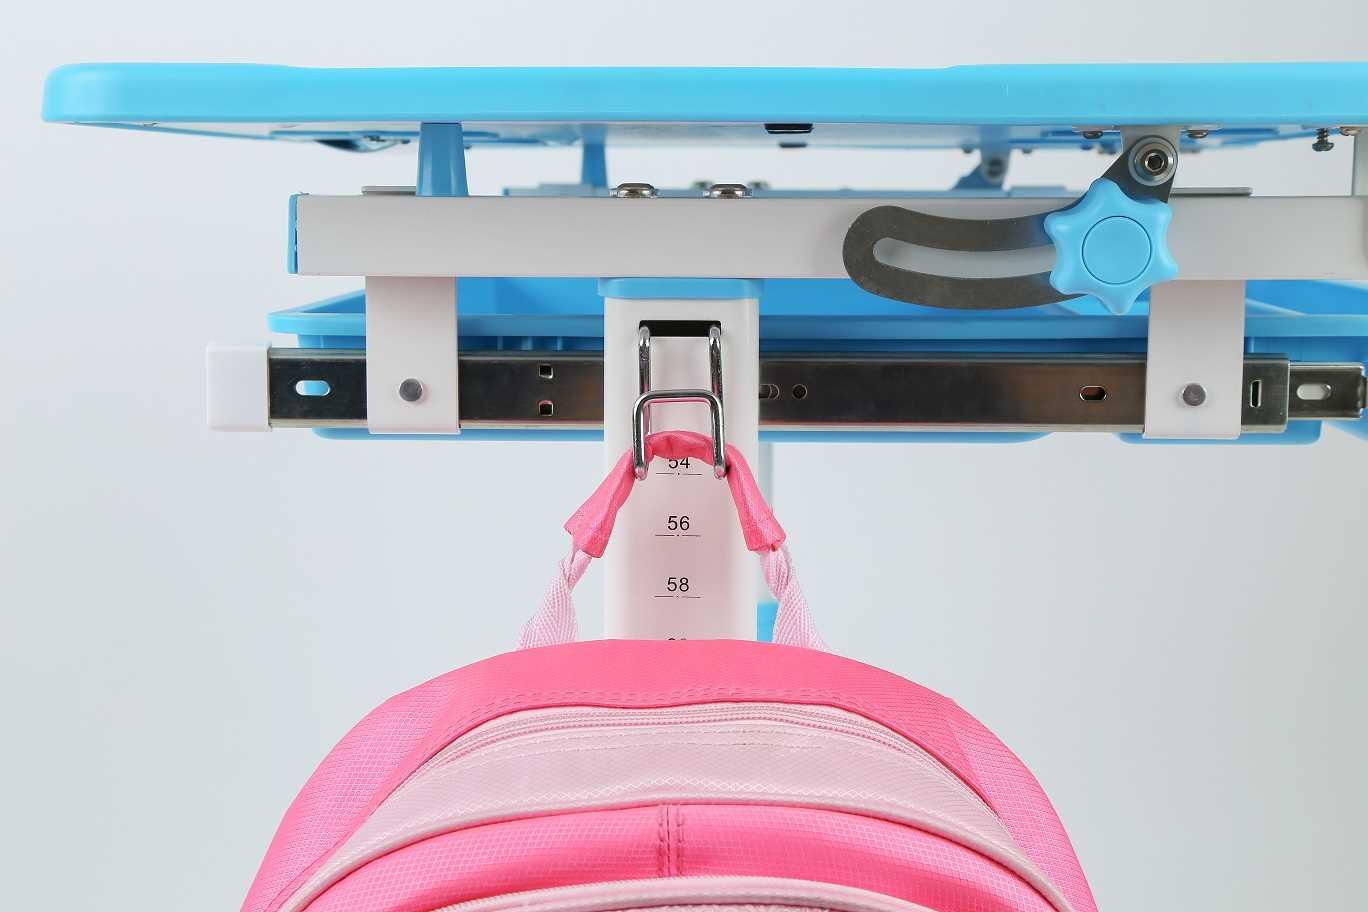 שולחן וכסא מתכווננים לילדים בגיל הגן צבע ורוד BIG BOSS B210 - תמונה 7